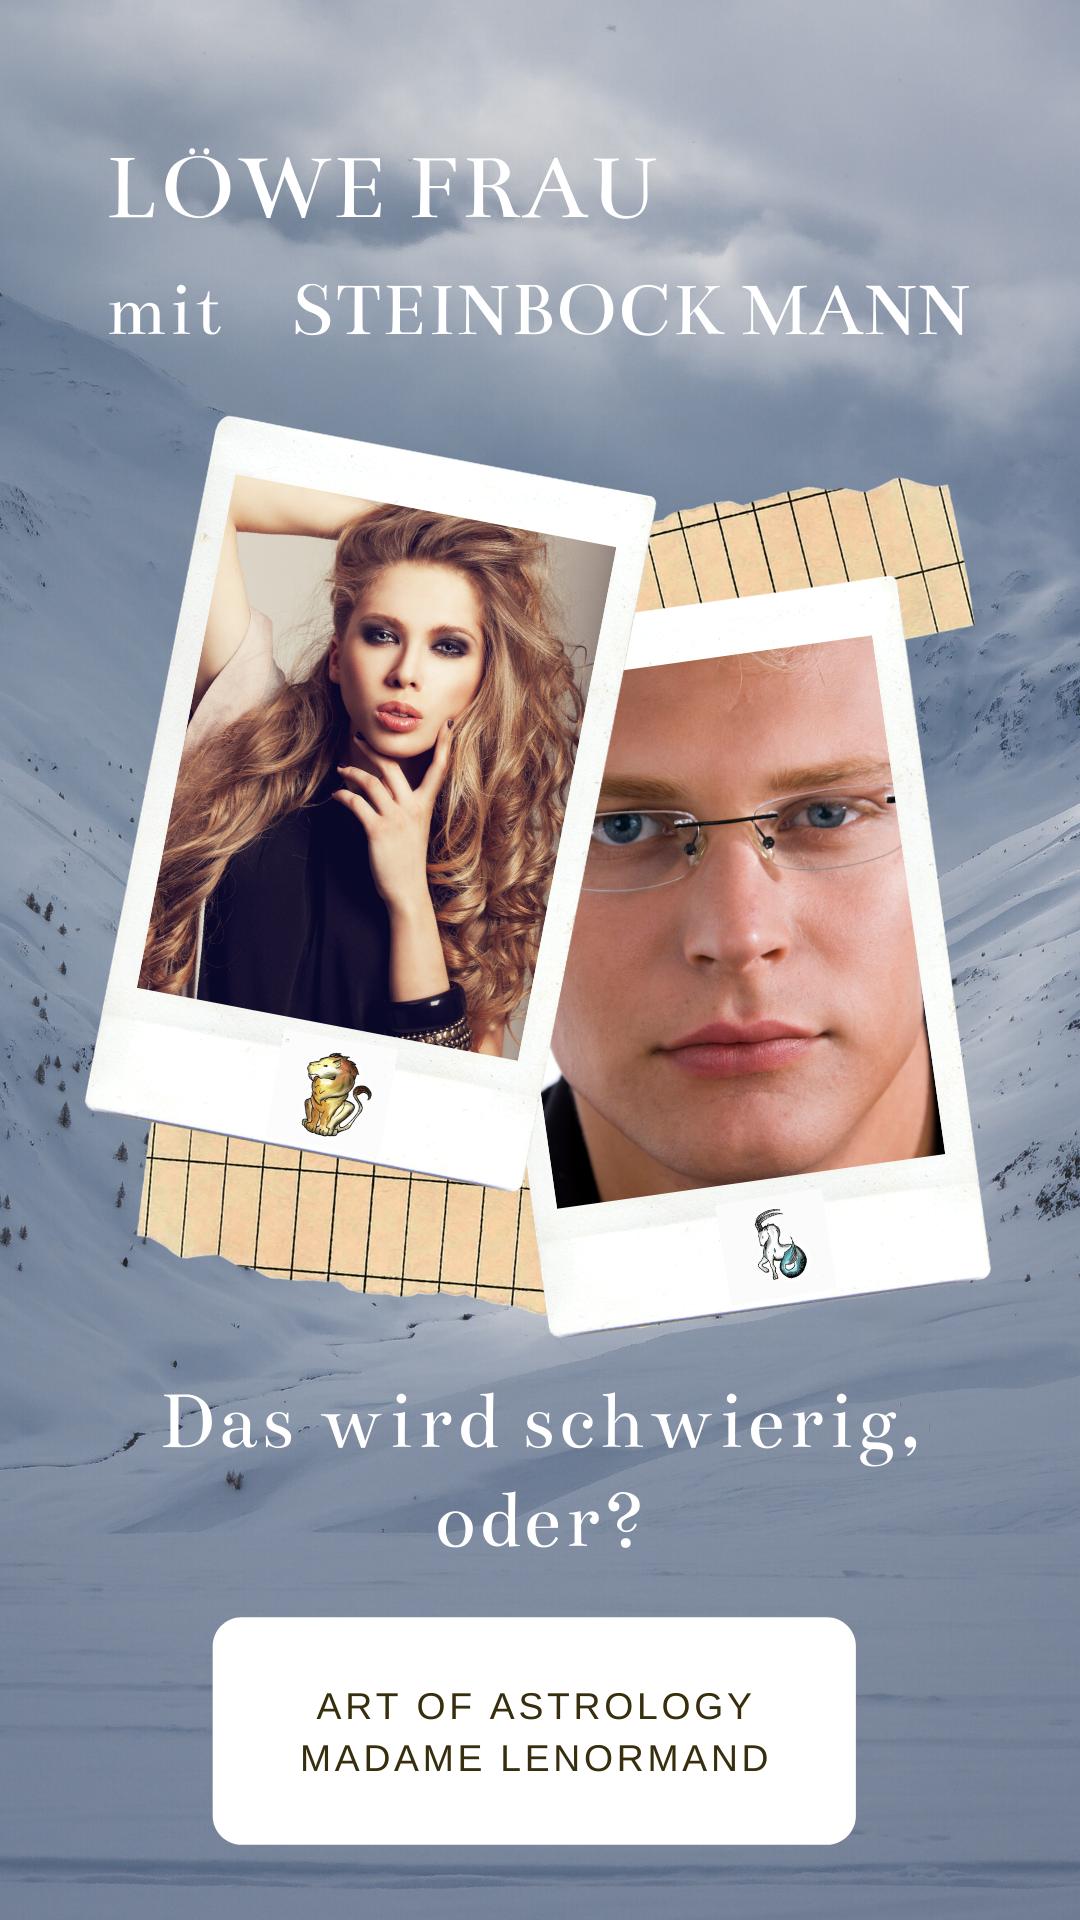 Steinbock-Mann & Löwe-Frau in 2020 | Löwe frau, Steinbock